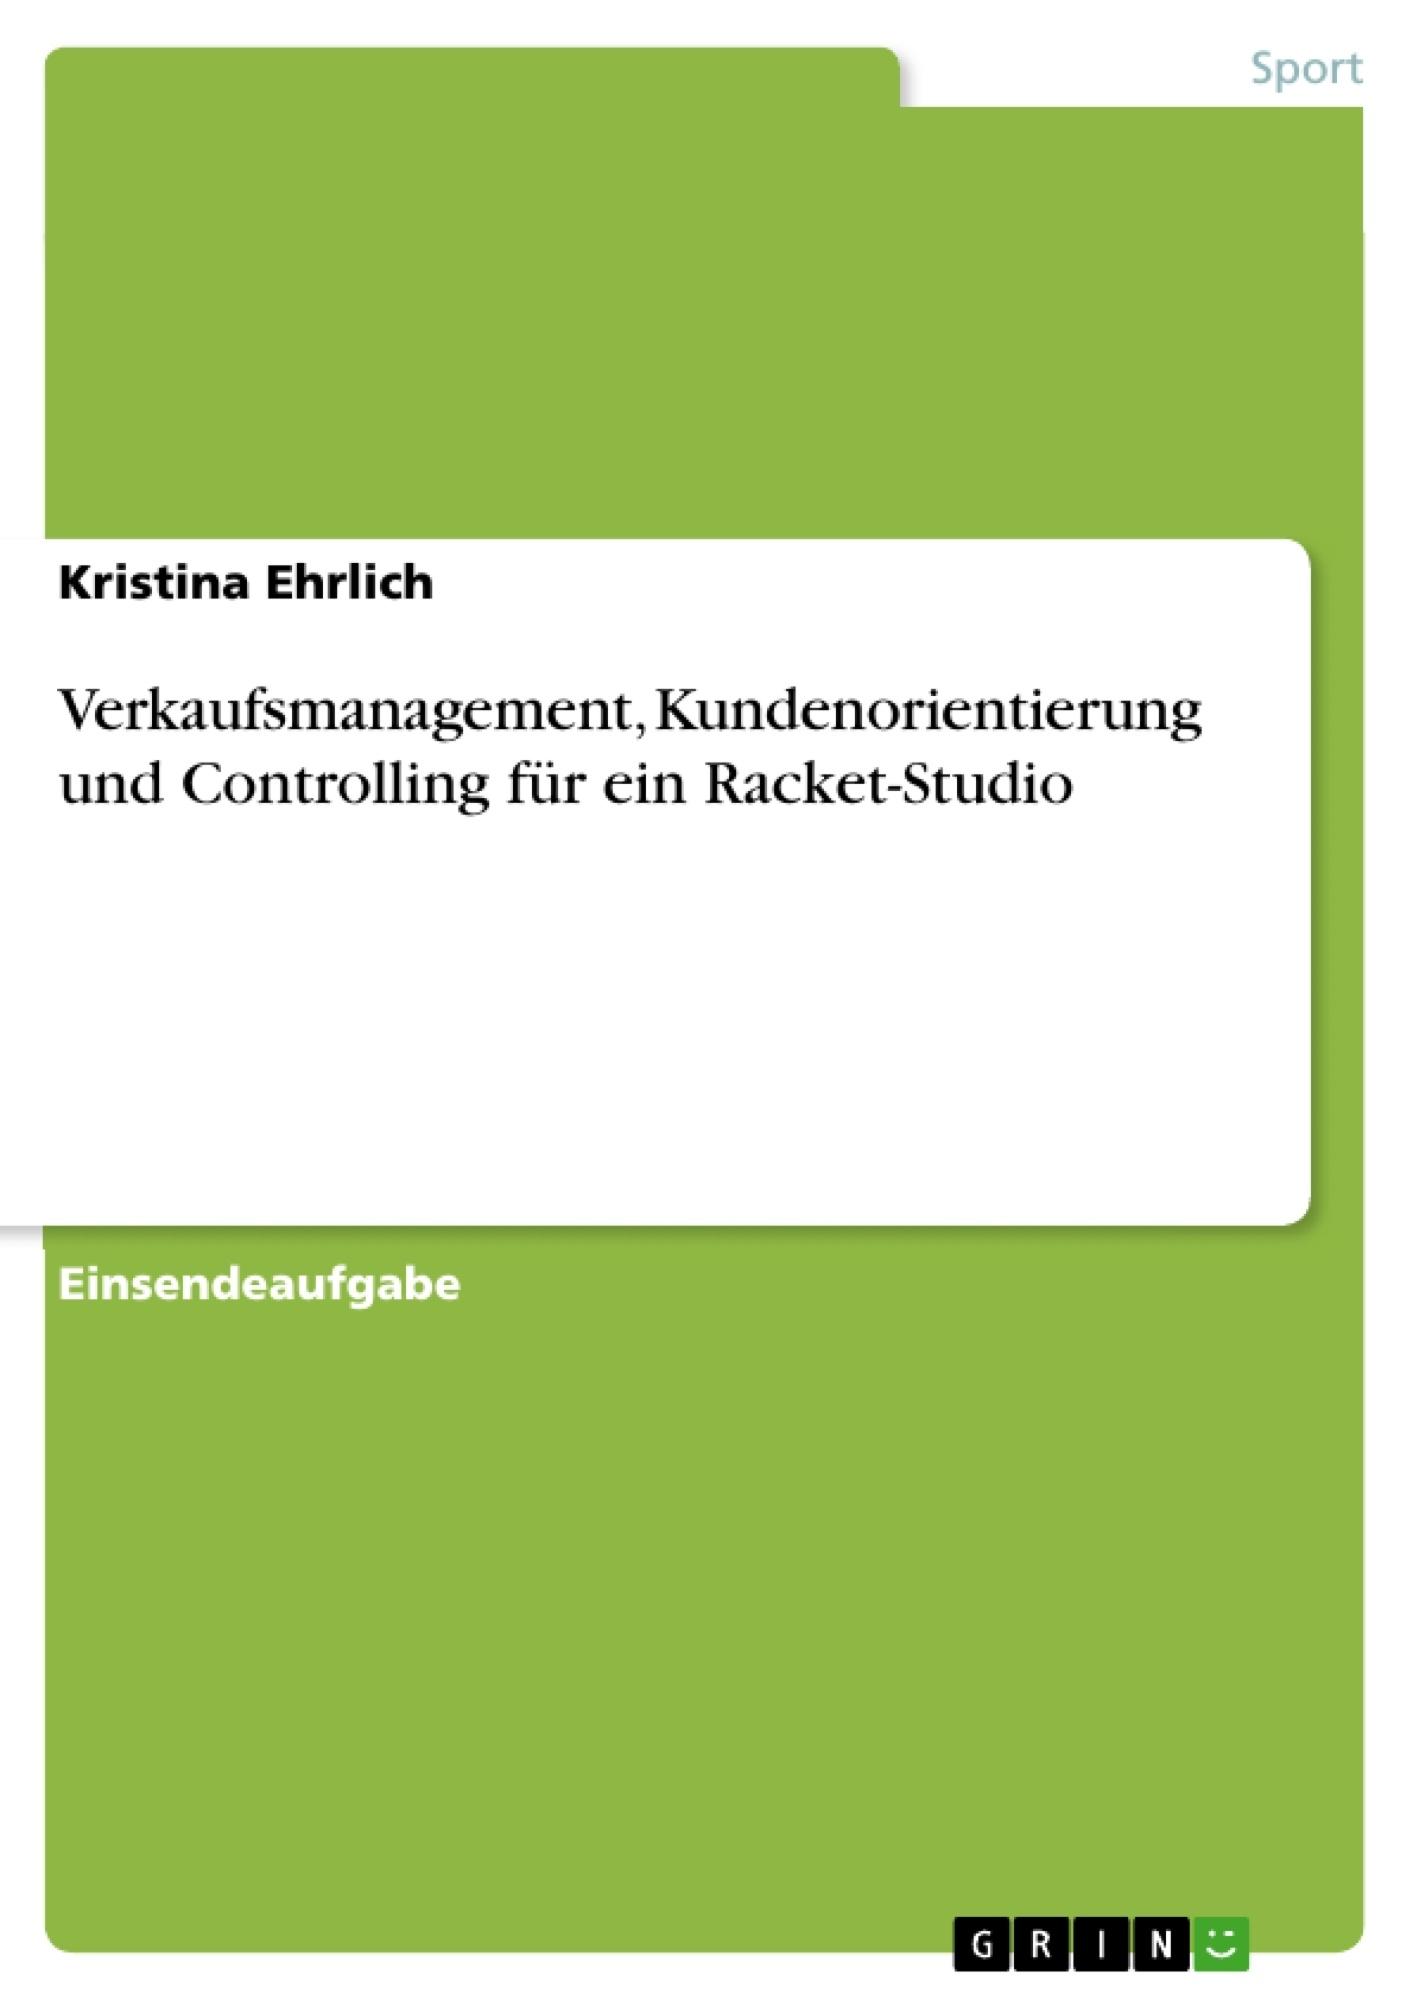 Titel: Verkaufsmanagement, Kundenorientierung und Controlling für ein Racket-Studio